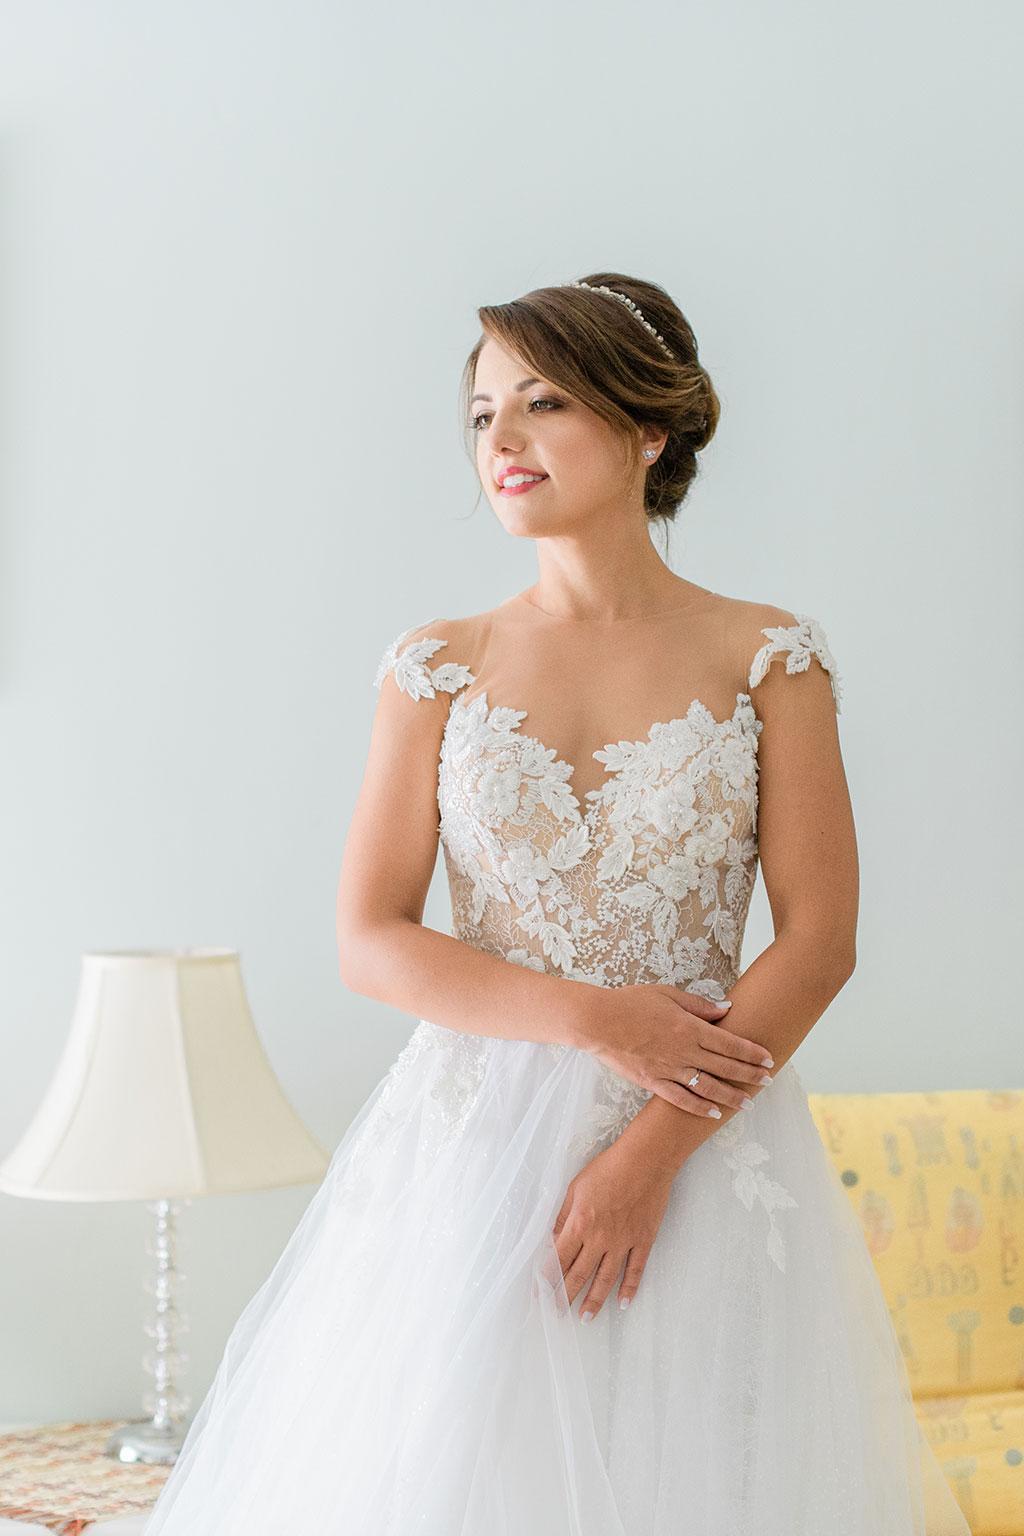 Μια ομορφη νύφη ποζάρει με χαμόγελο στην φωτογράφιση της, Ethereal bridal portrait, elegant wedding in thessaloniki